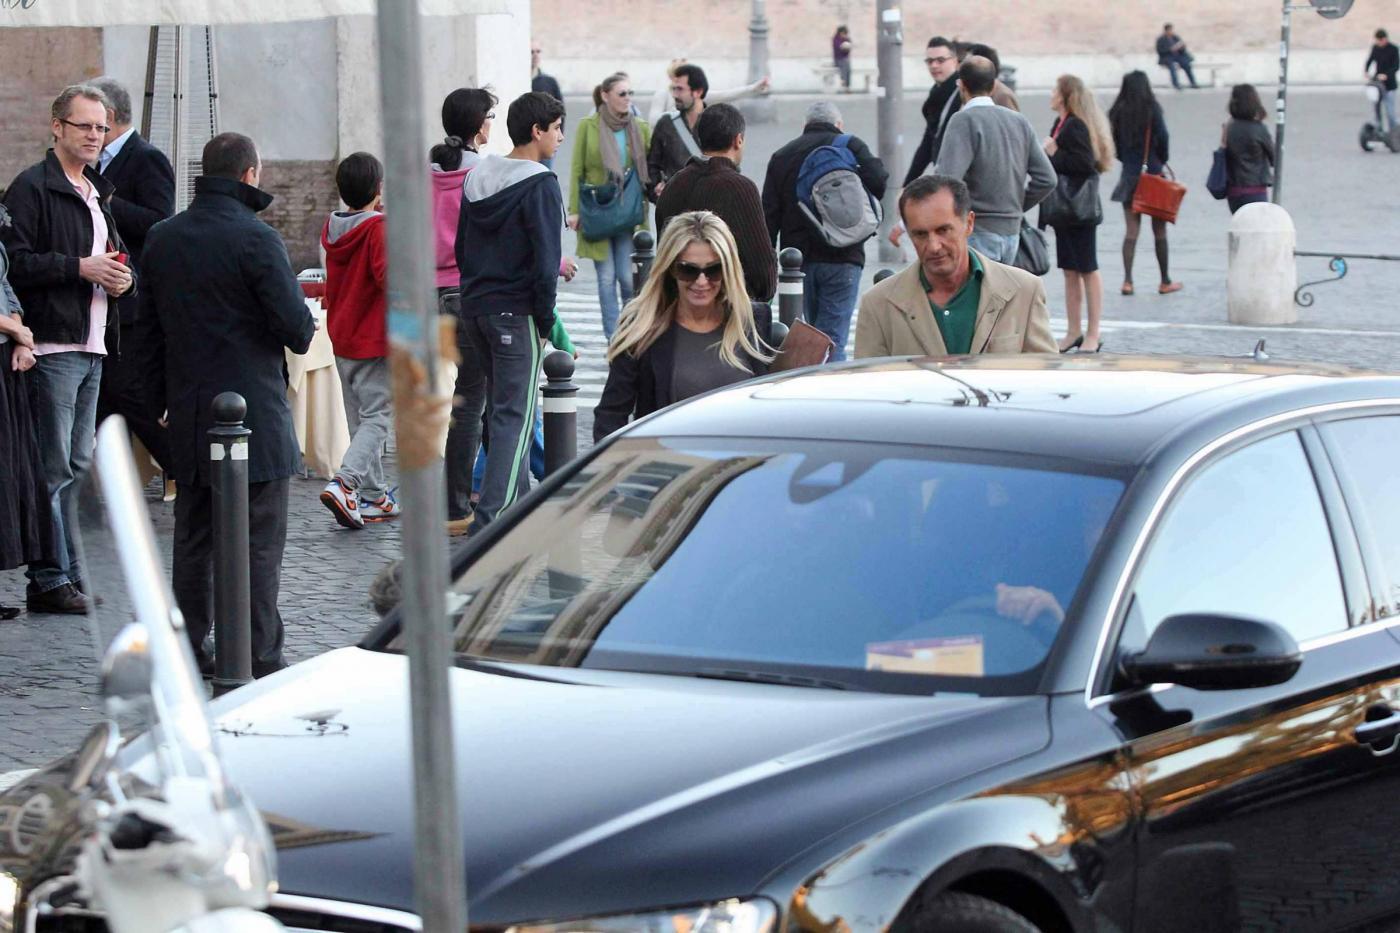 Roma, Paola Ferrari con amico03